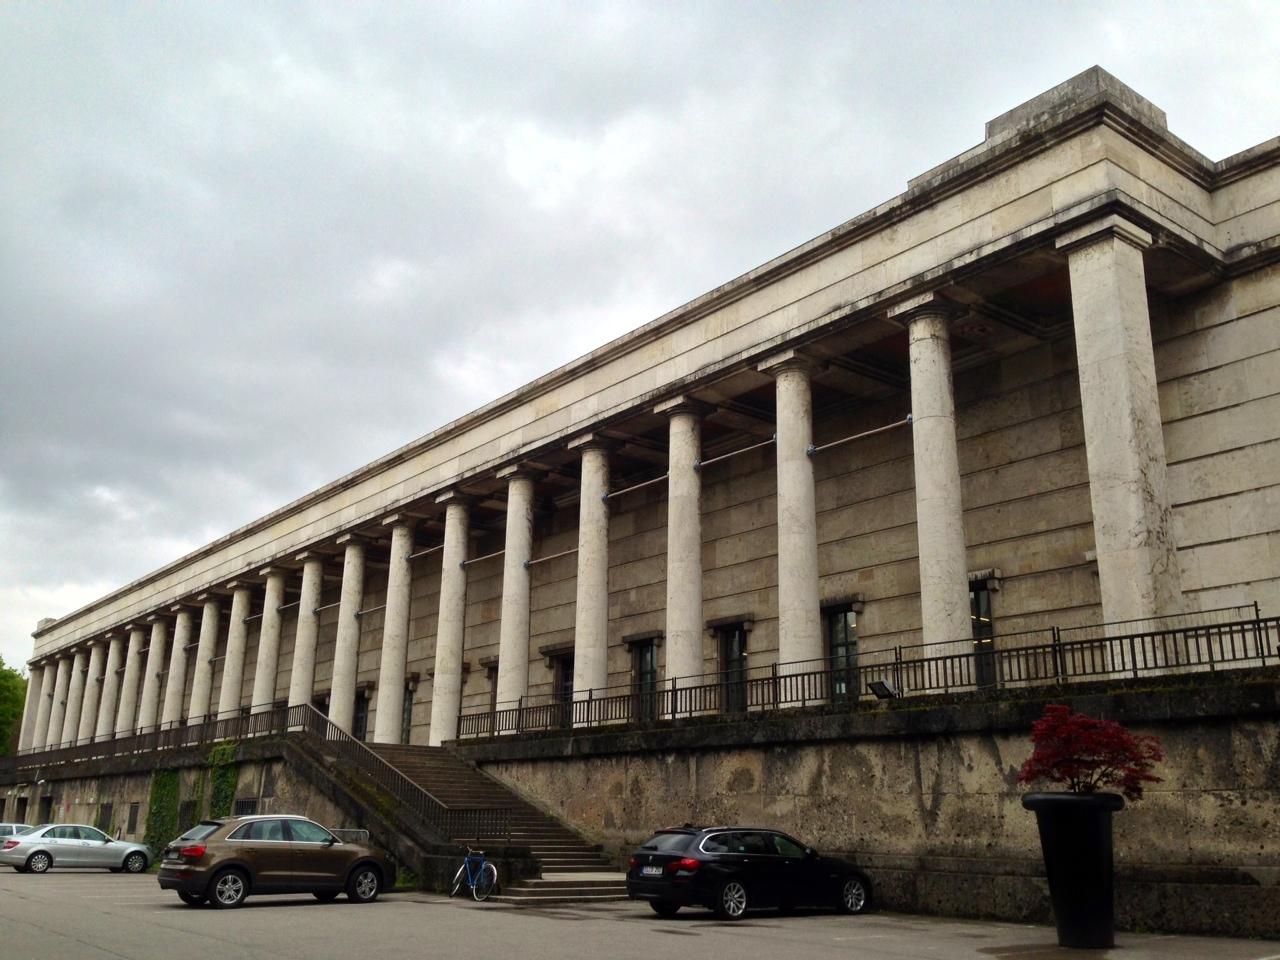 2. Haus der Kunst